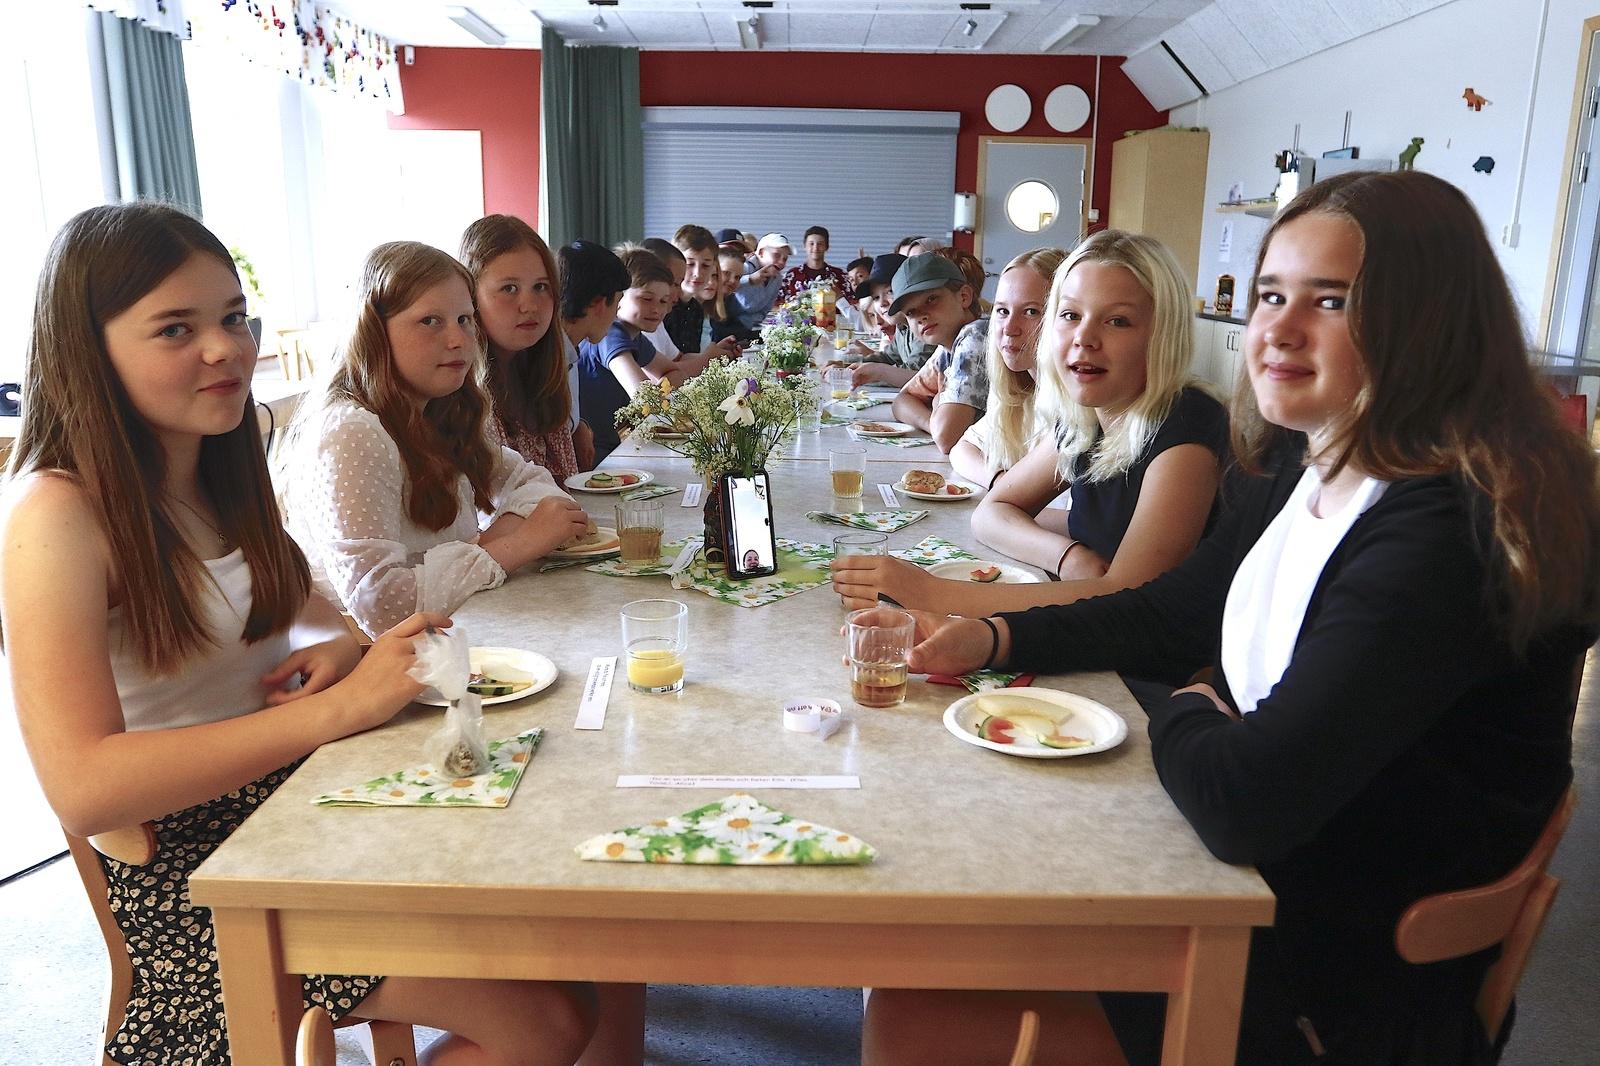 Skolavslutning på Dalstorpsskolan. Årskurs 6 hade ciderfrukost i matsalen.